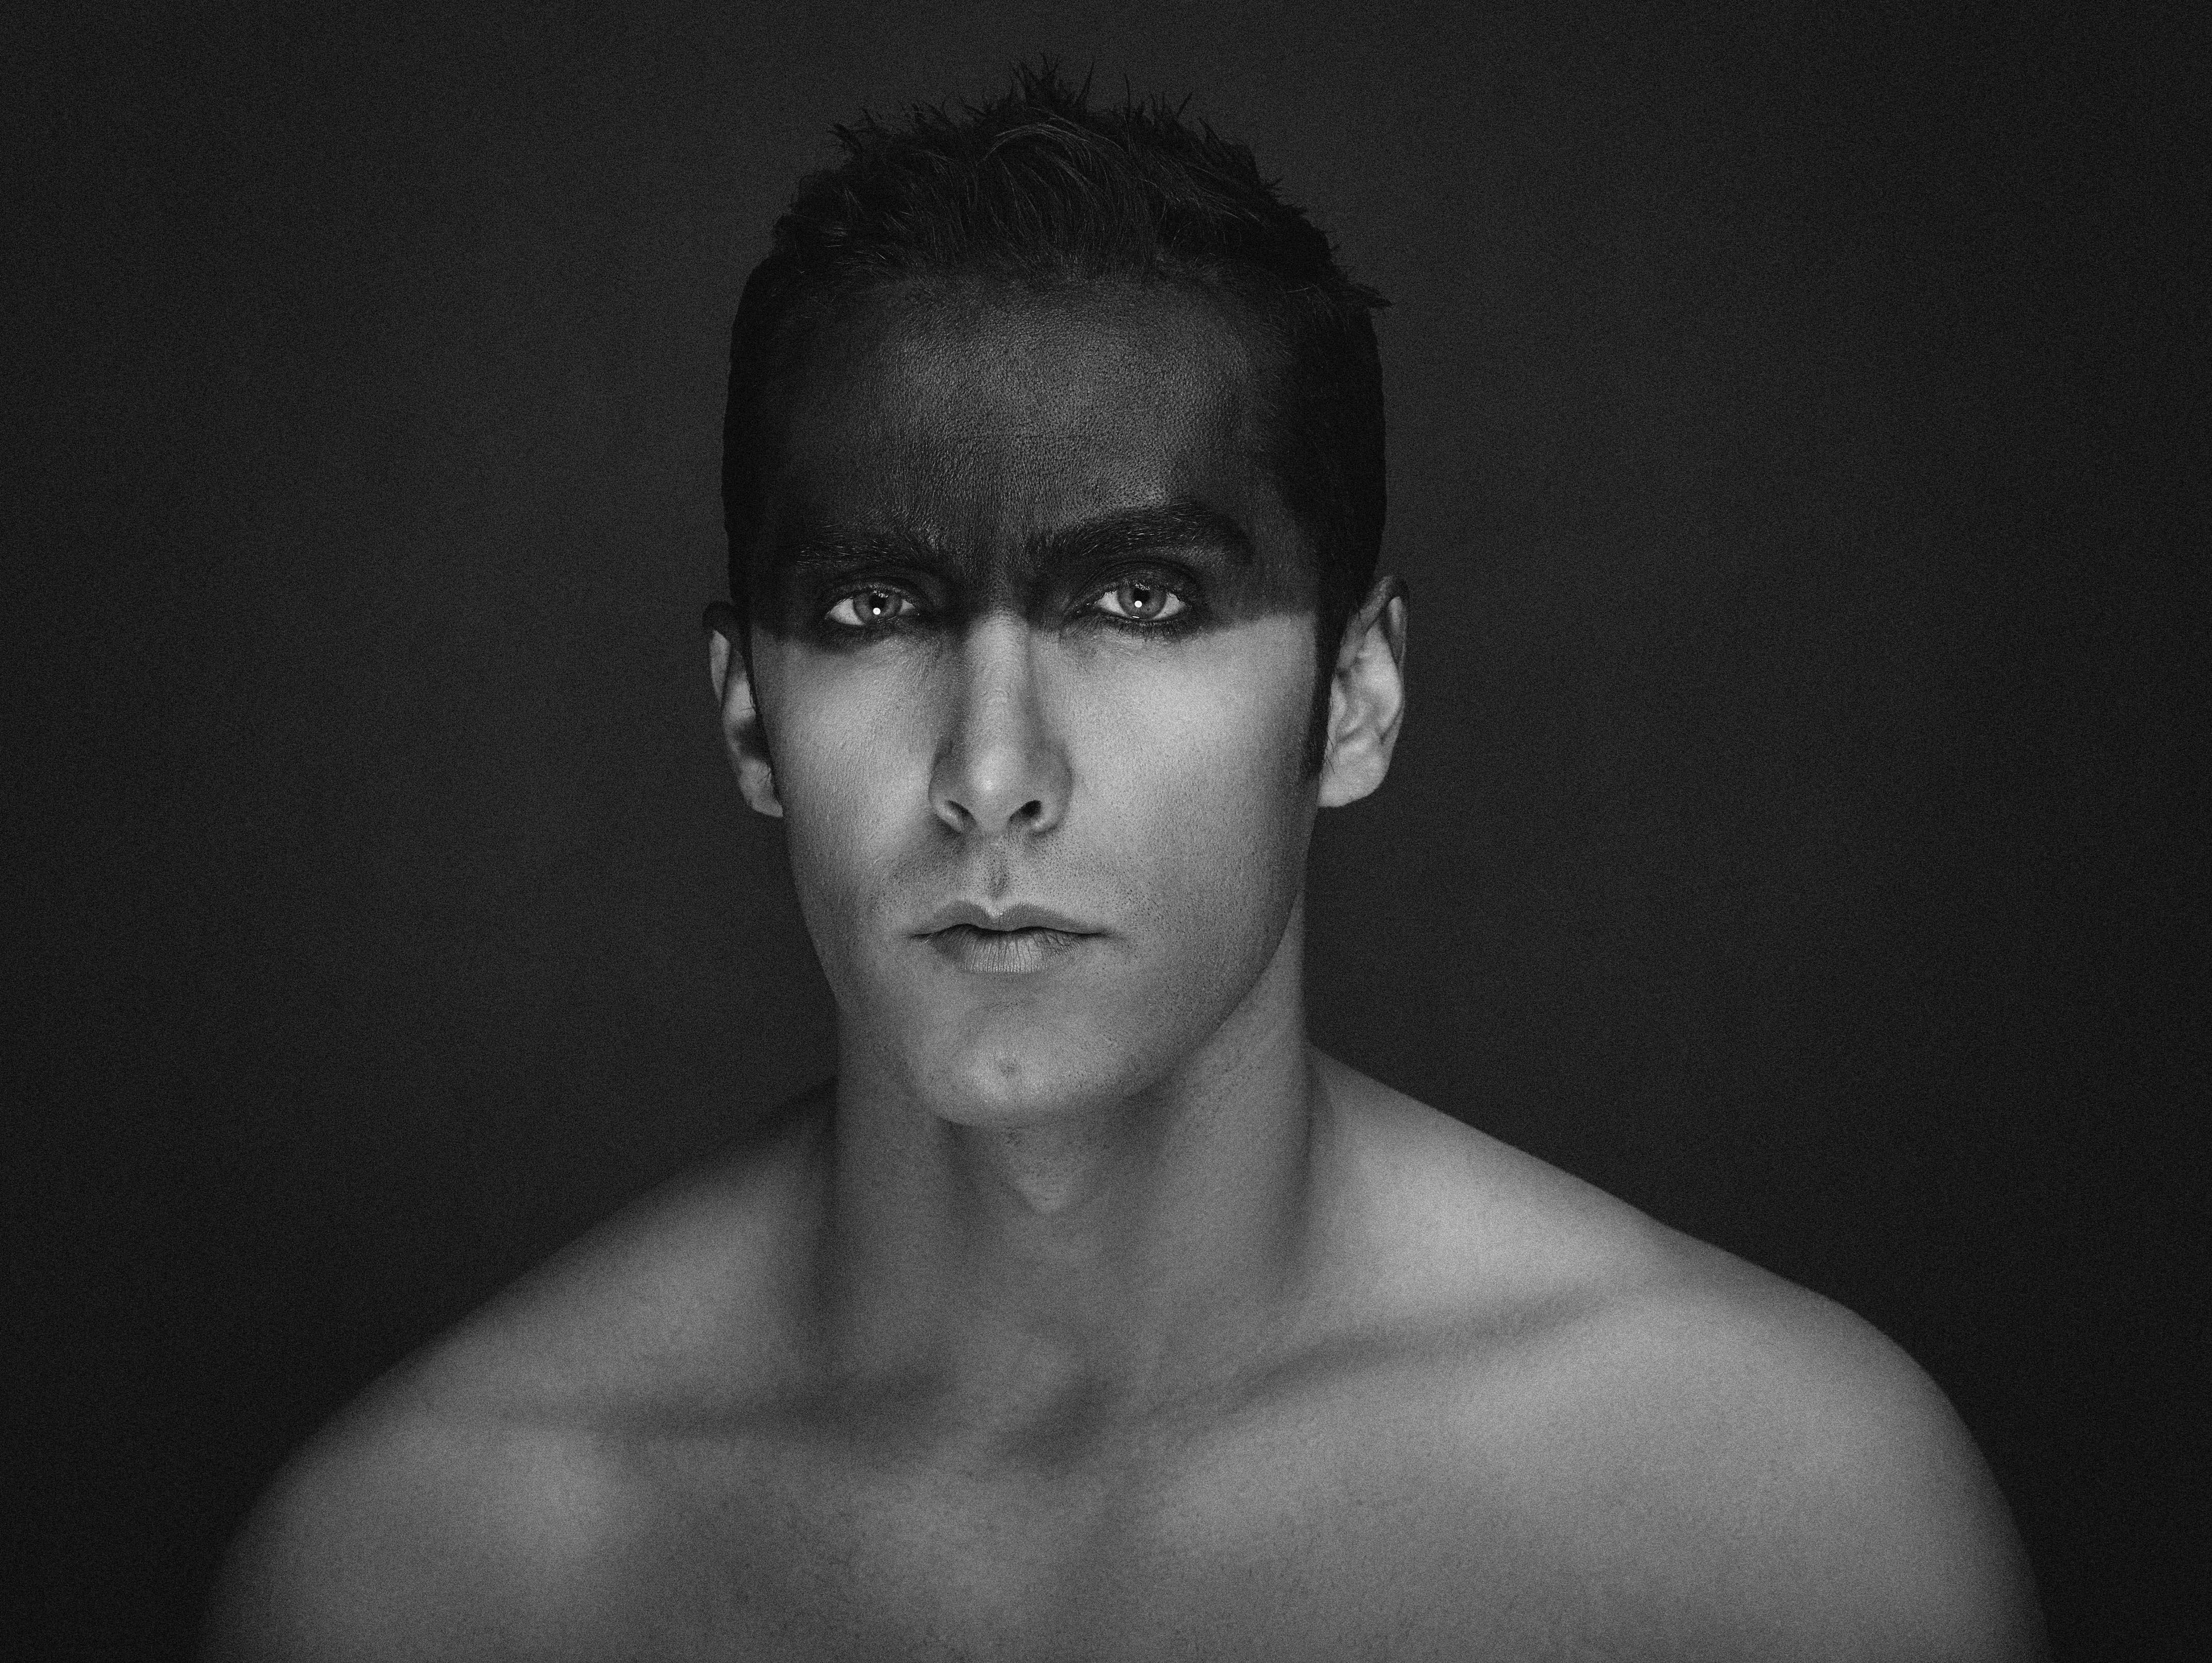 #fashion #portrait #makeup, hamze dashtrazmi